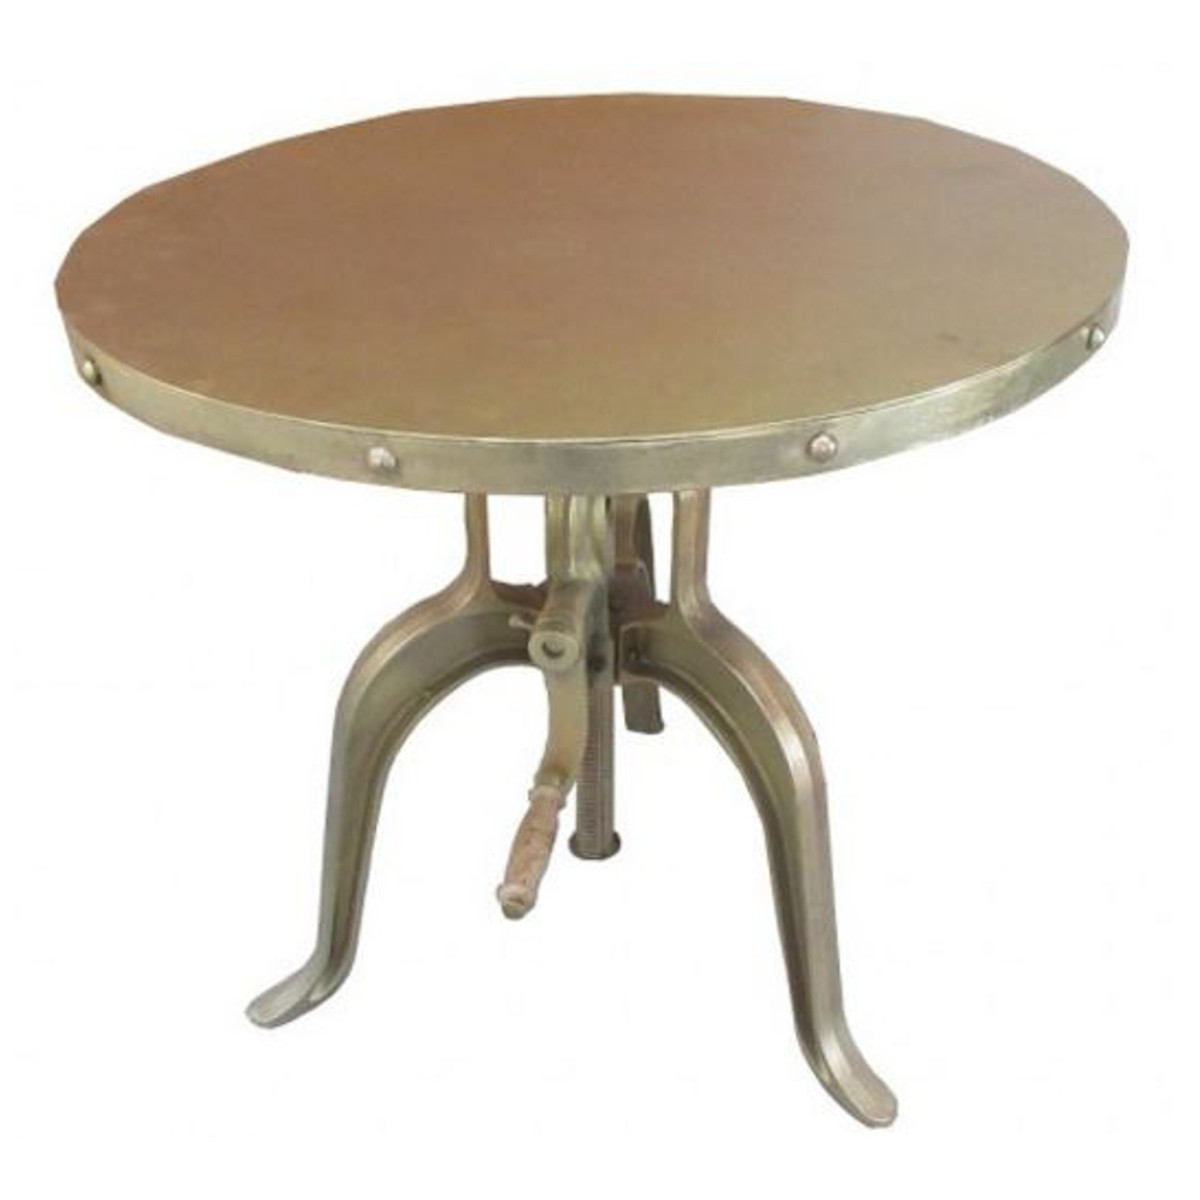 table d appoint industrielle avec manivelle or casa padrino 75 x h 72 98 cm mobilier d hotel design table design industriel